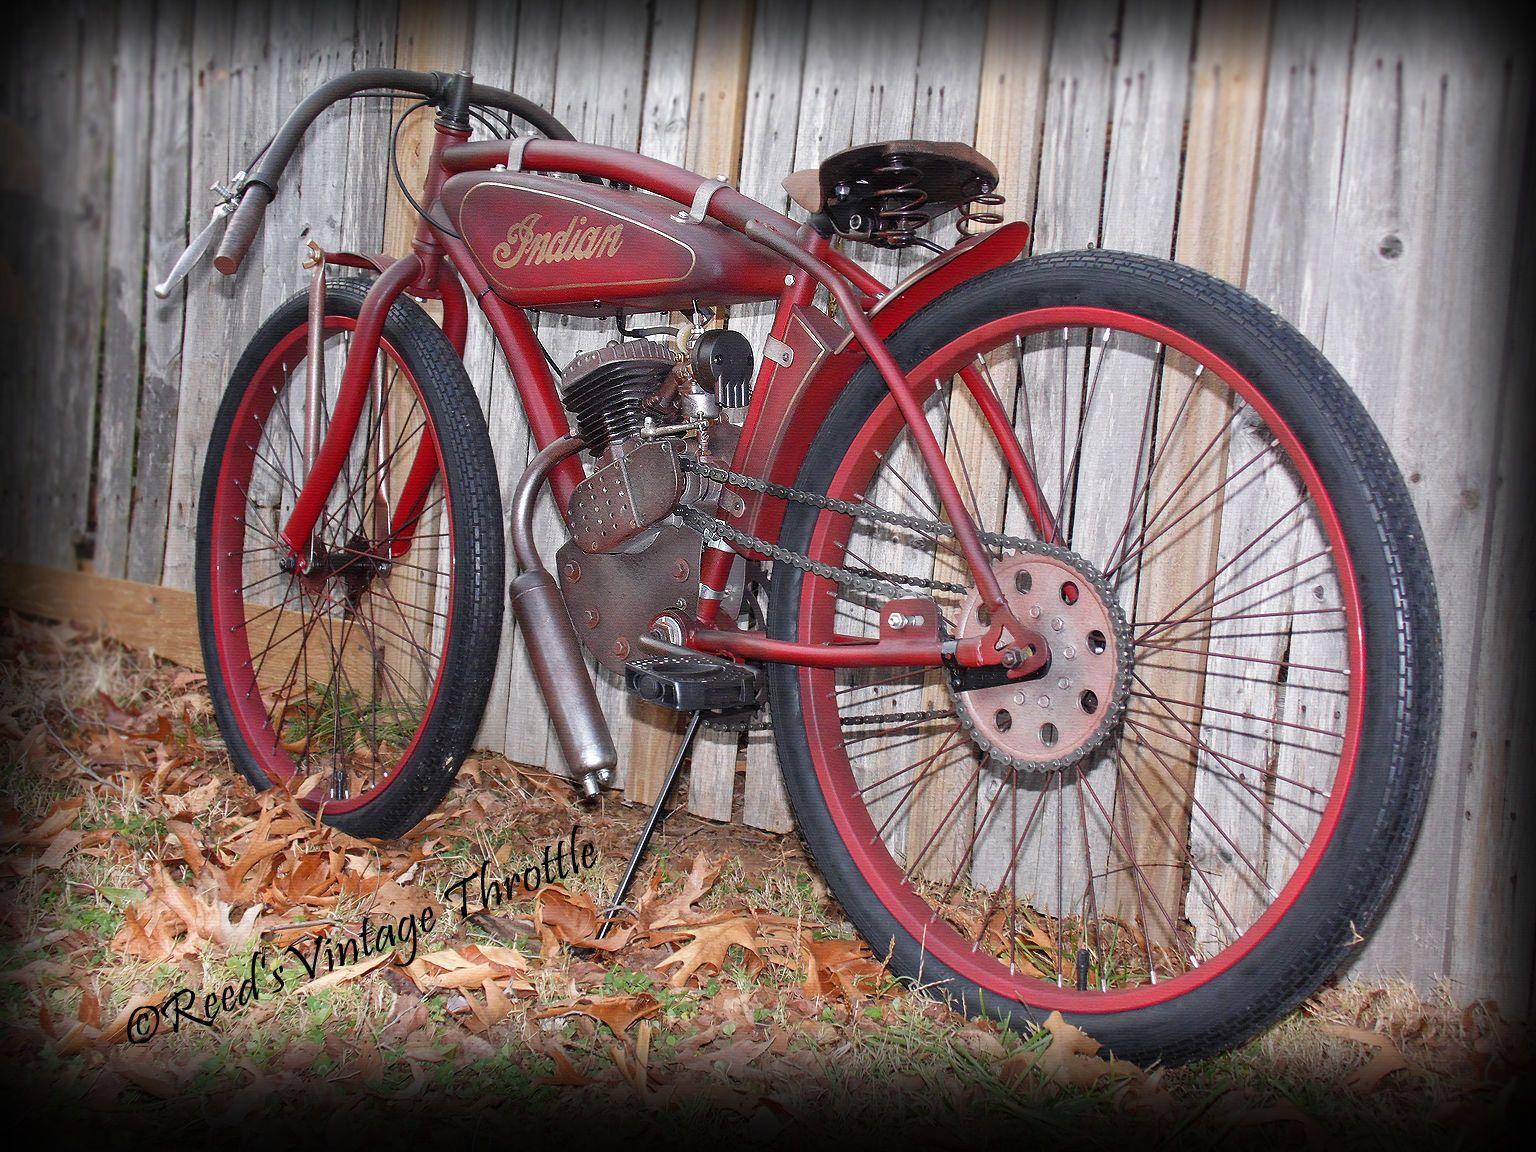 INDIAN-BOARD TRACK RACER ANTIQUE VINTAGE CAFE PRE-WAR BICYCLE HARLEY DAVIDSON